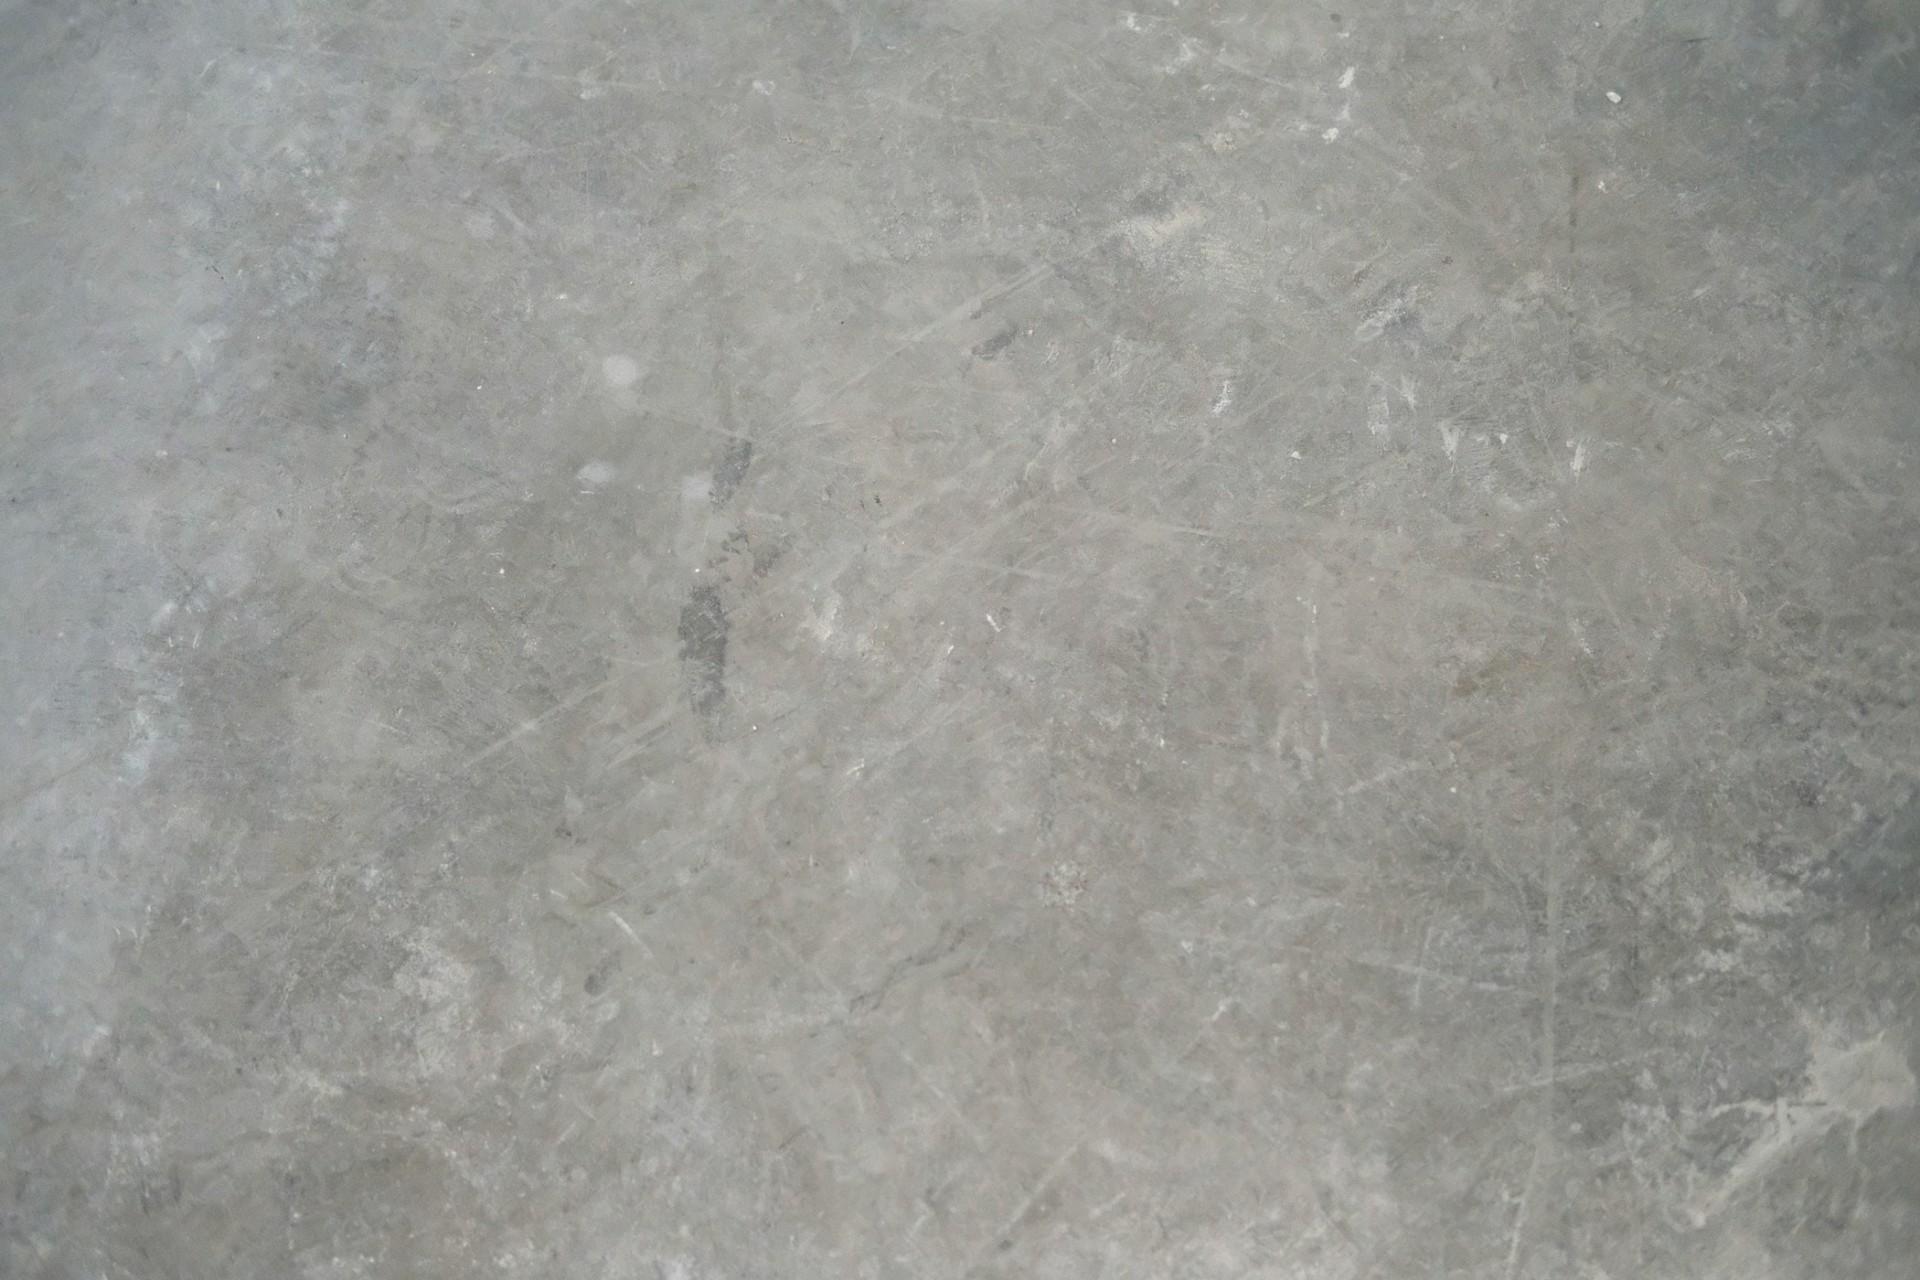 cement contractor in delaware